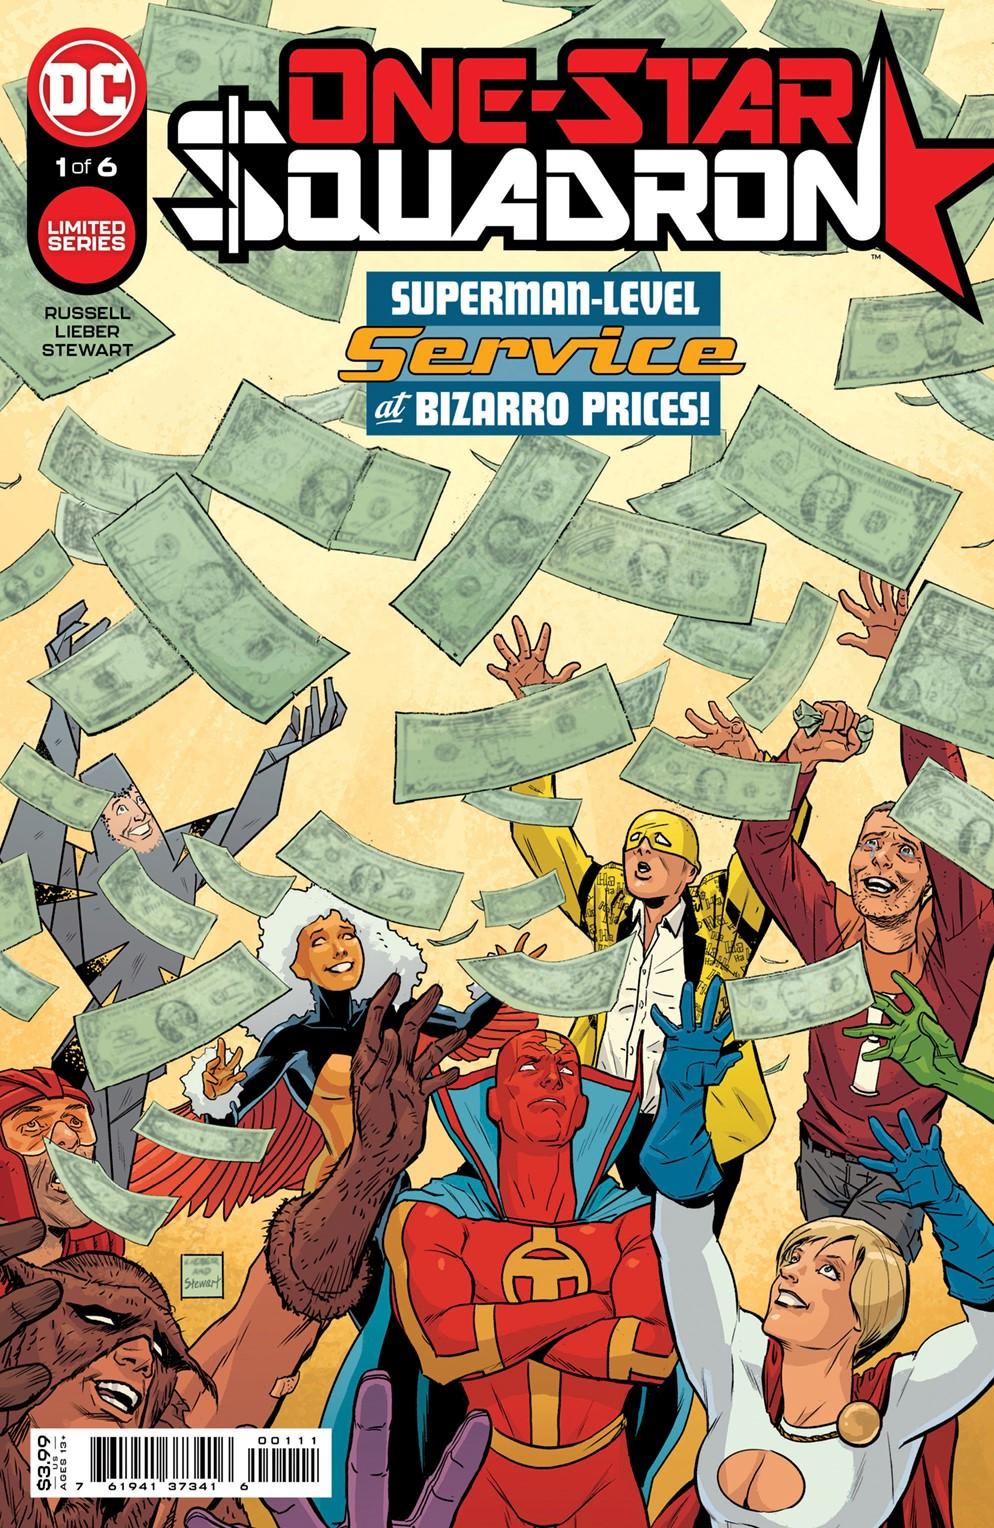 OSSQDRN_Cv1 DC Comics December 2021 Solicitations